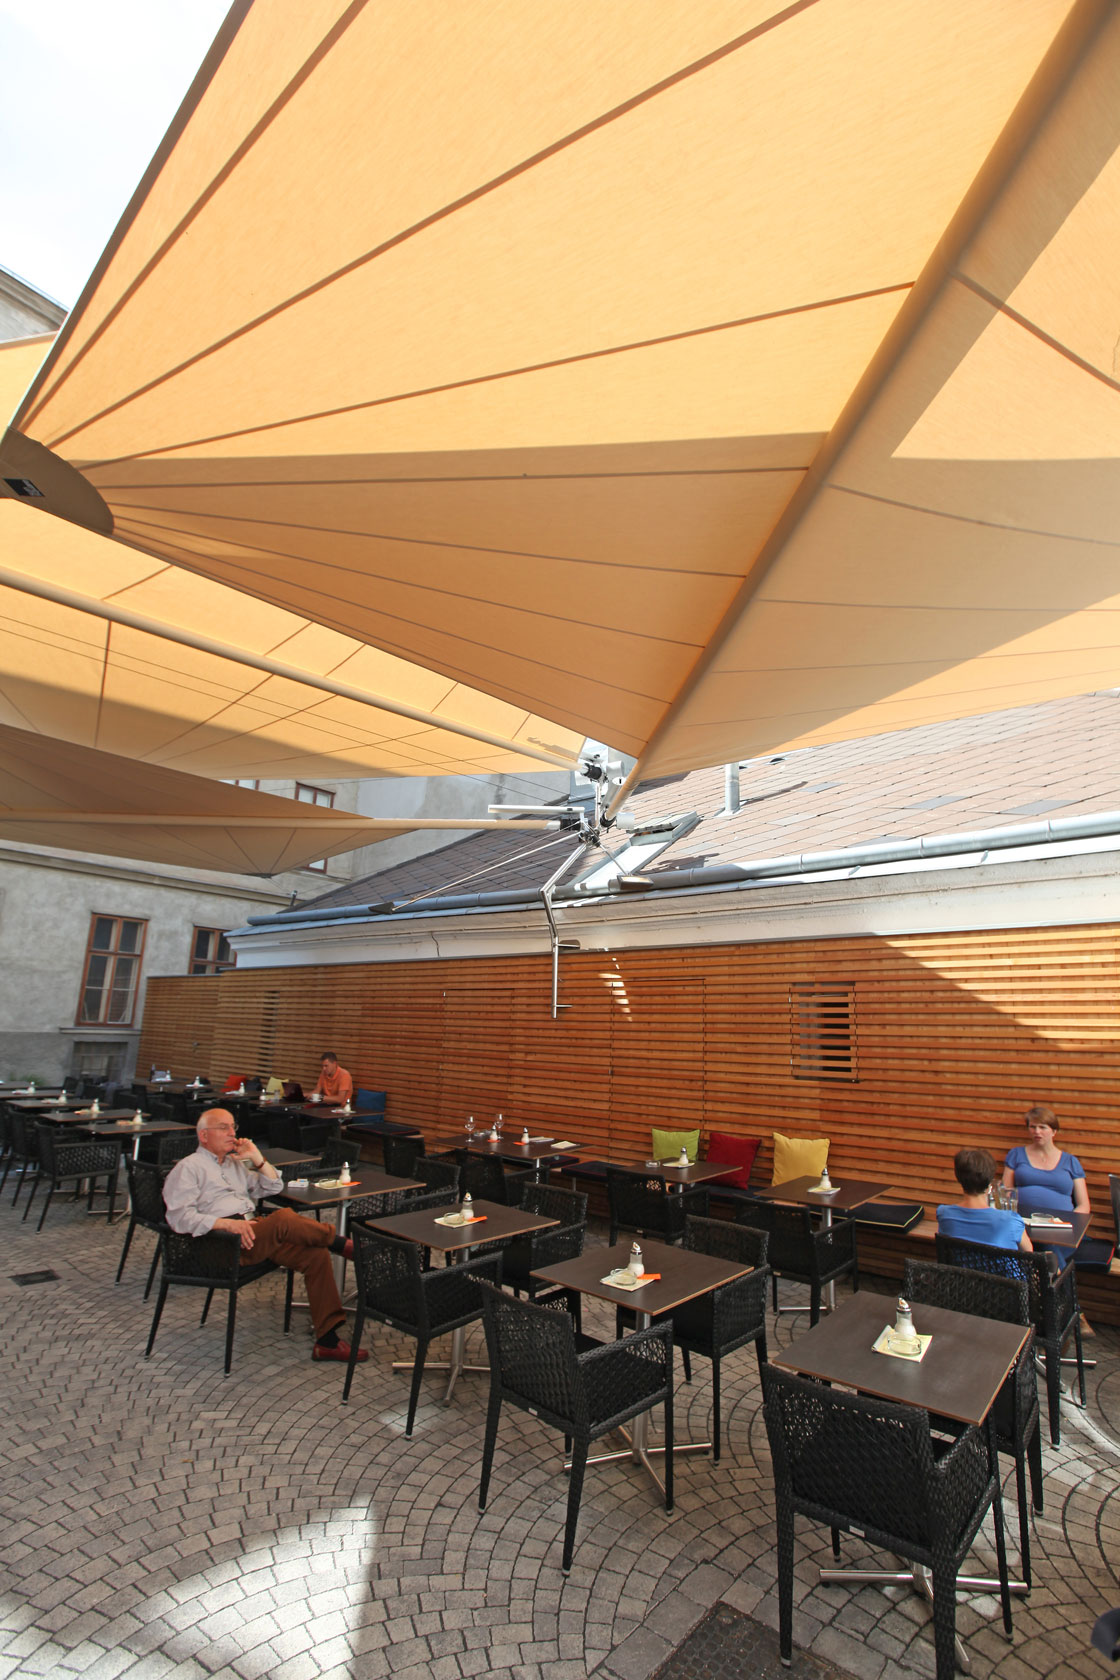 Ffentlich Elektrische Sonnensegel Wiesbaden